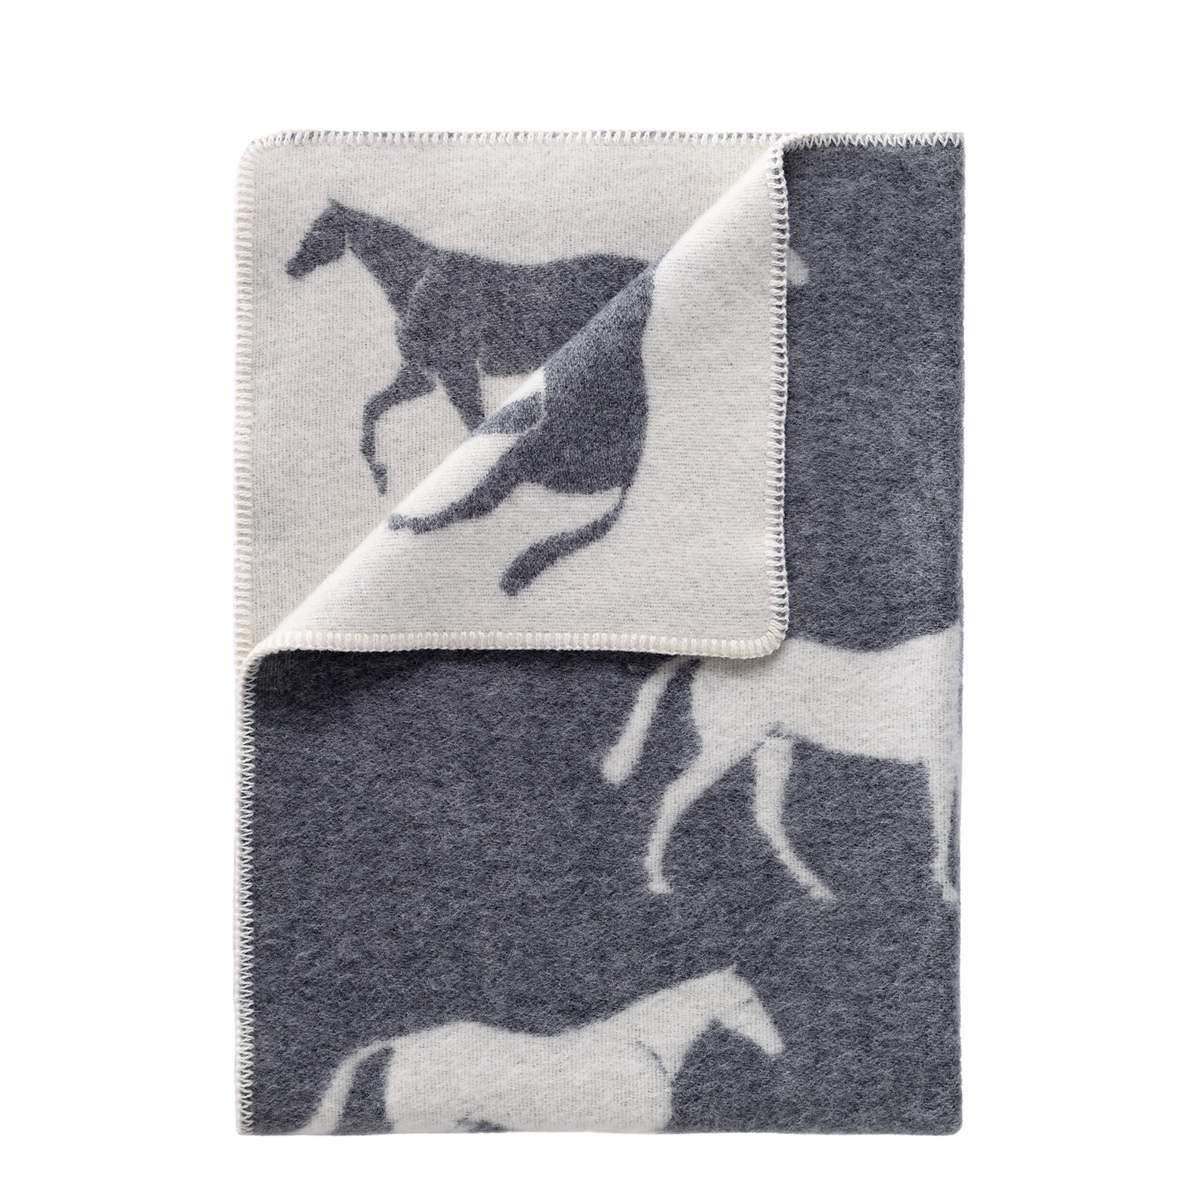 乗馬 雑貨 J.J.Textile ホース スモールブランケット 乗馬用品 馬具   B07LF3CMWX